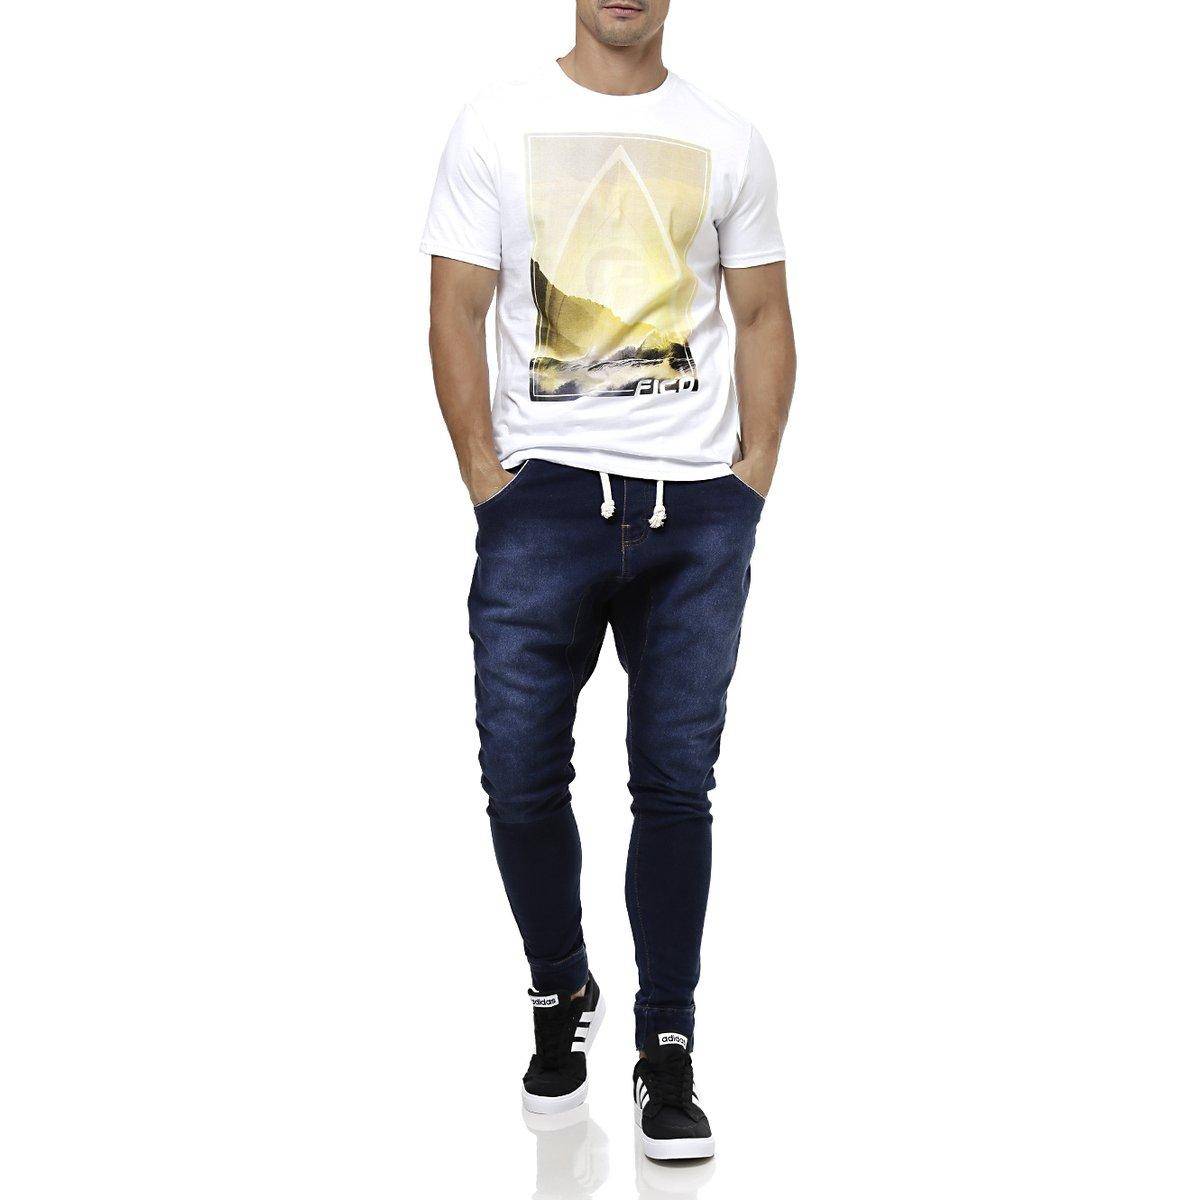 Calça Jeans Moletom Masculina Gangster Azul - Compre Agora  24307e93ad92c